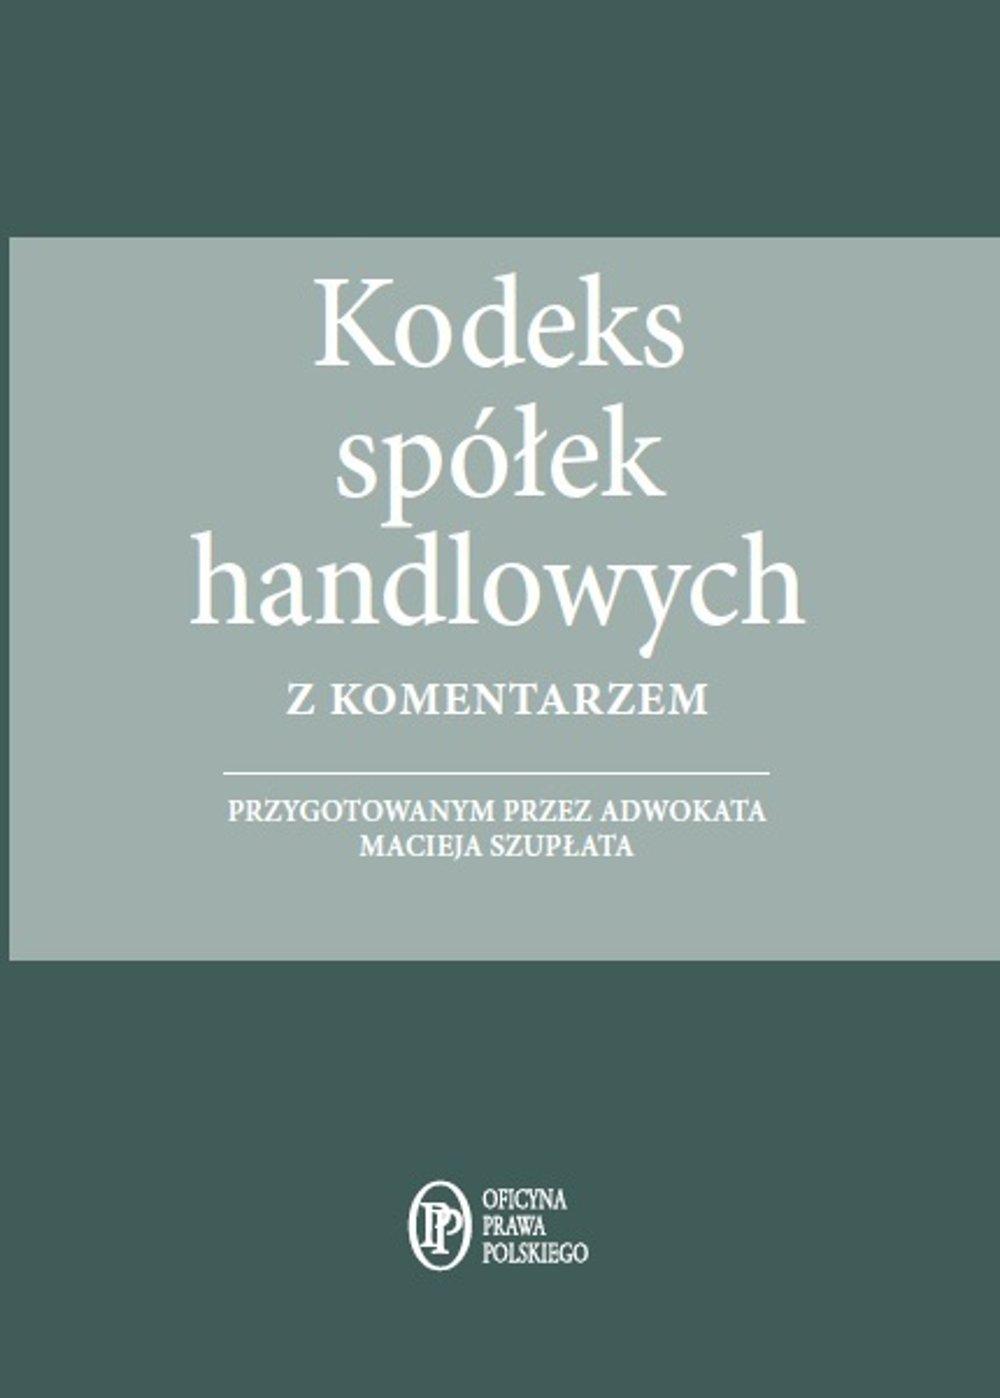 Kodeks spółek handlowych z komentarzem - stan prawny na  1.04.2015 - Ebook (Książka PDF) do pobrania w formacie PDF